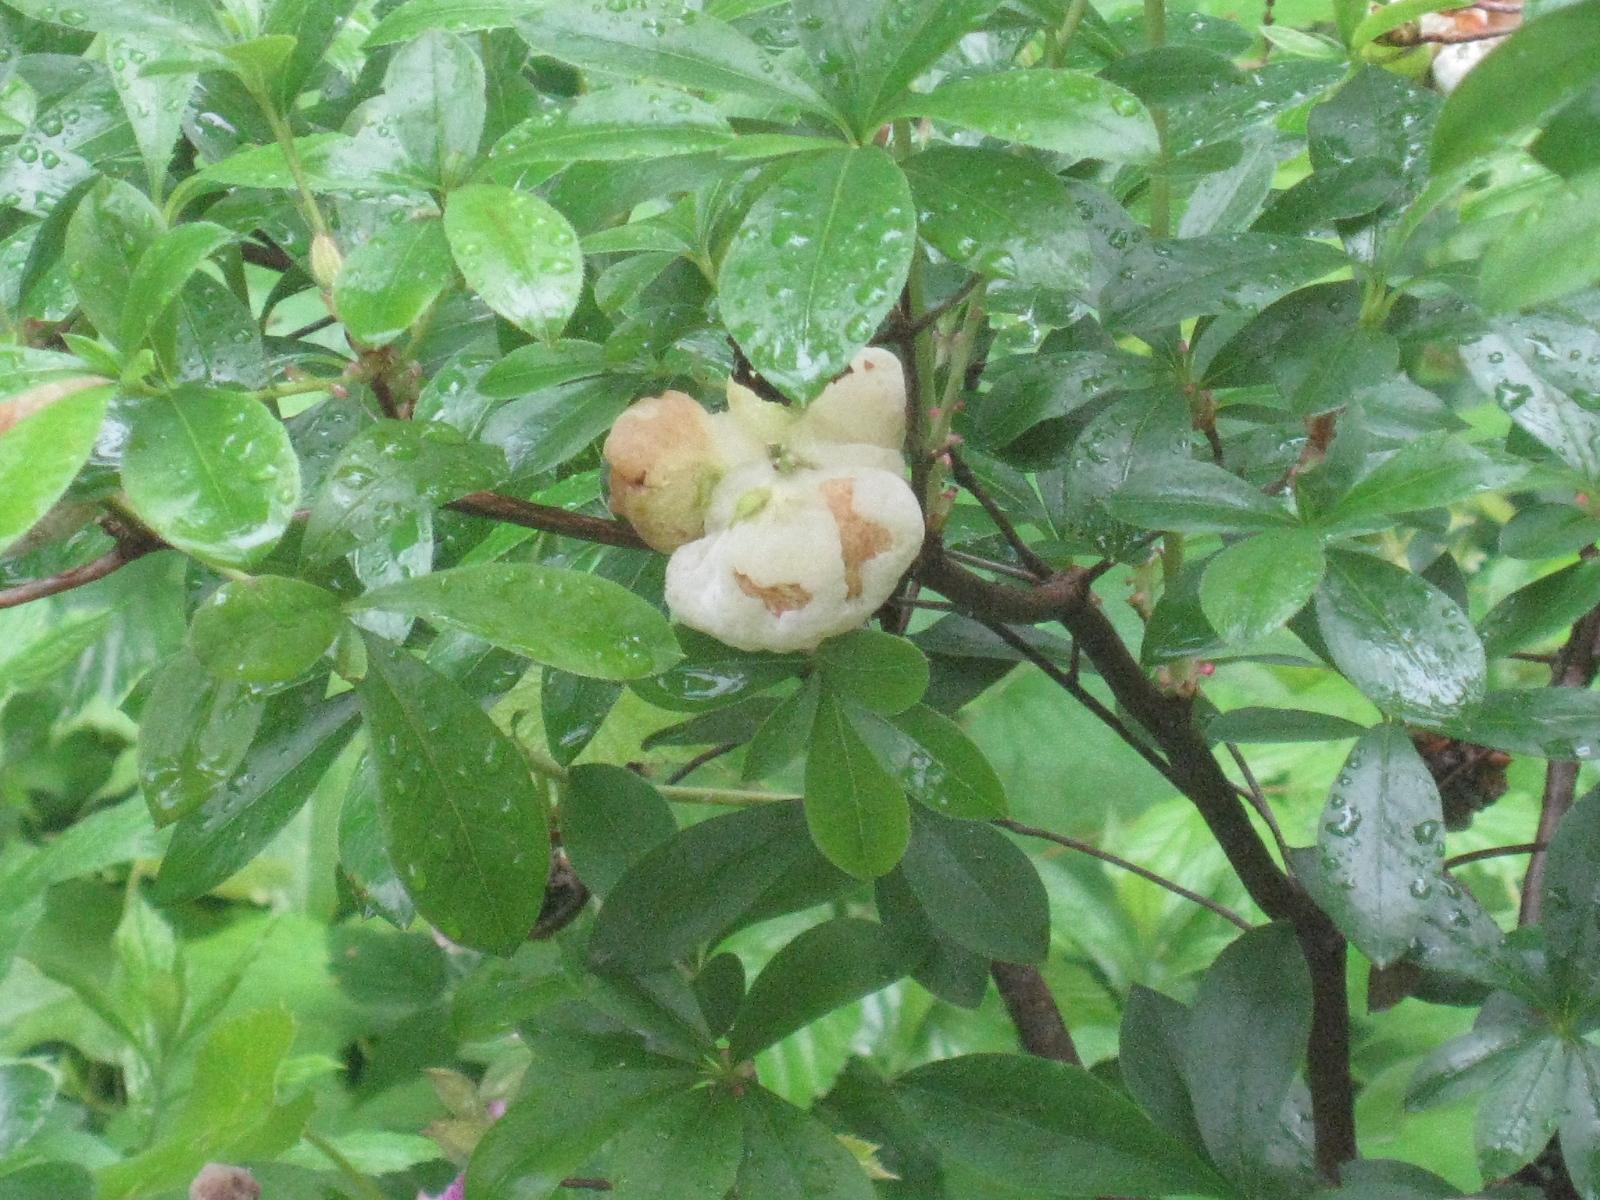 Azalea Diseases-Leaf Gall | Plumstone |Azalea Diseases